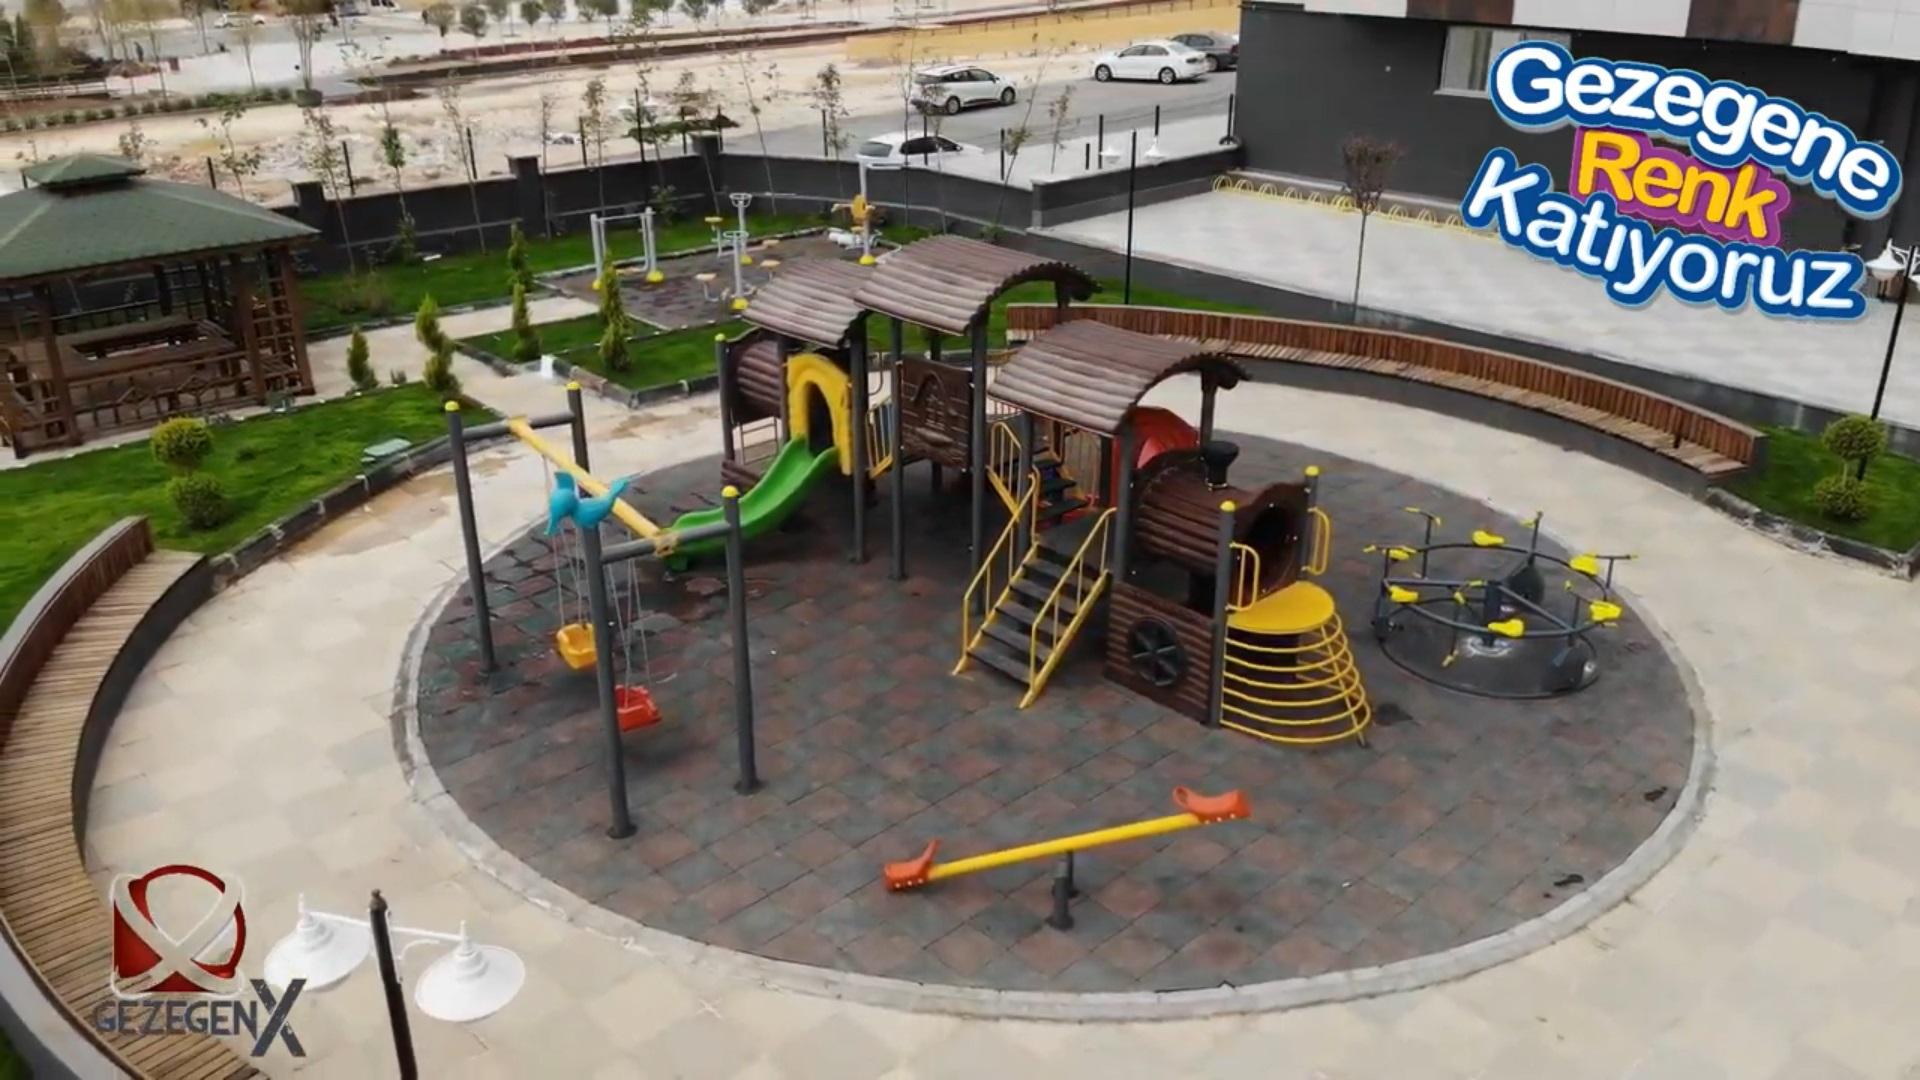 çocuk oyun parklarında alınması gereken güvenlik tedbirleri